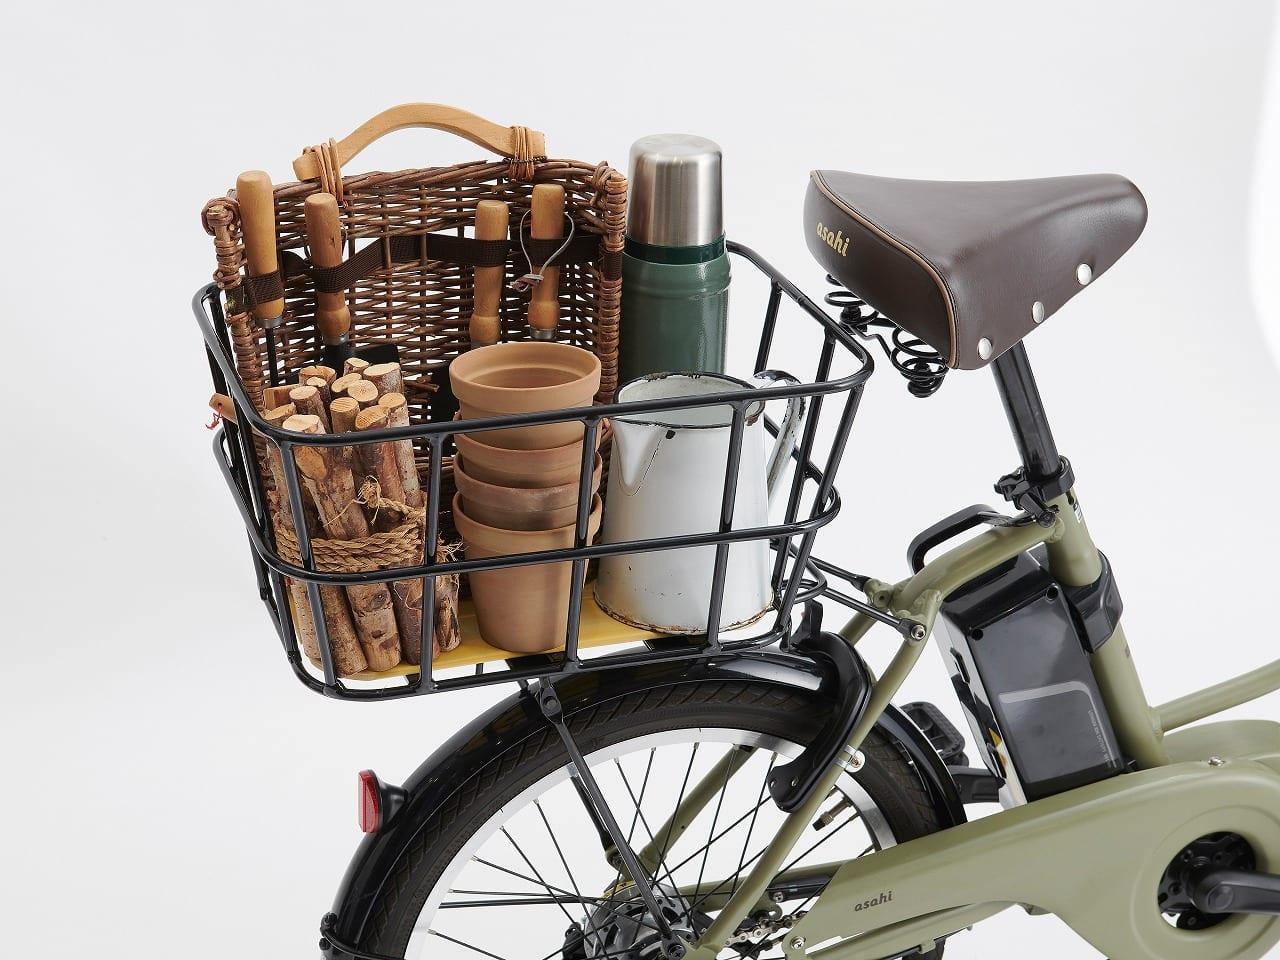 キャリアにお好みの後用バスケットを取り付けることで、より多くの荷物を運ぶことができる。